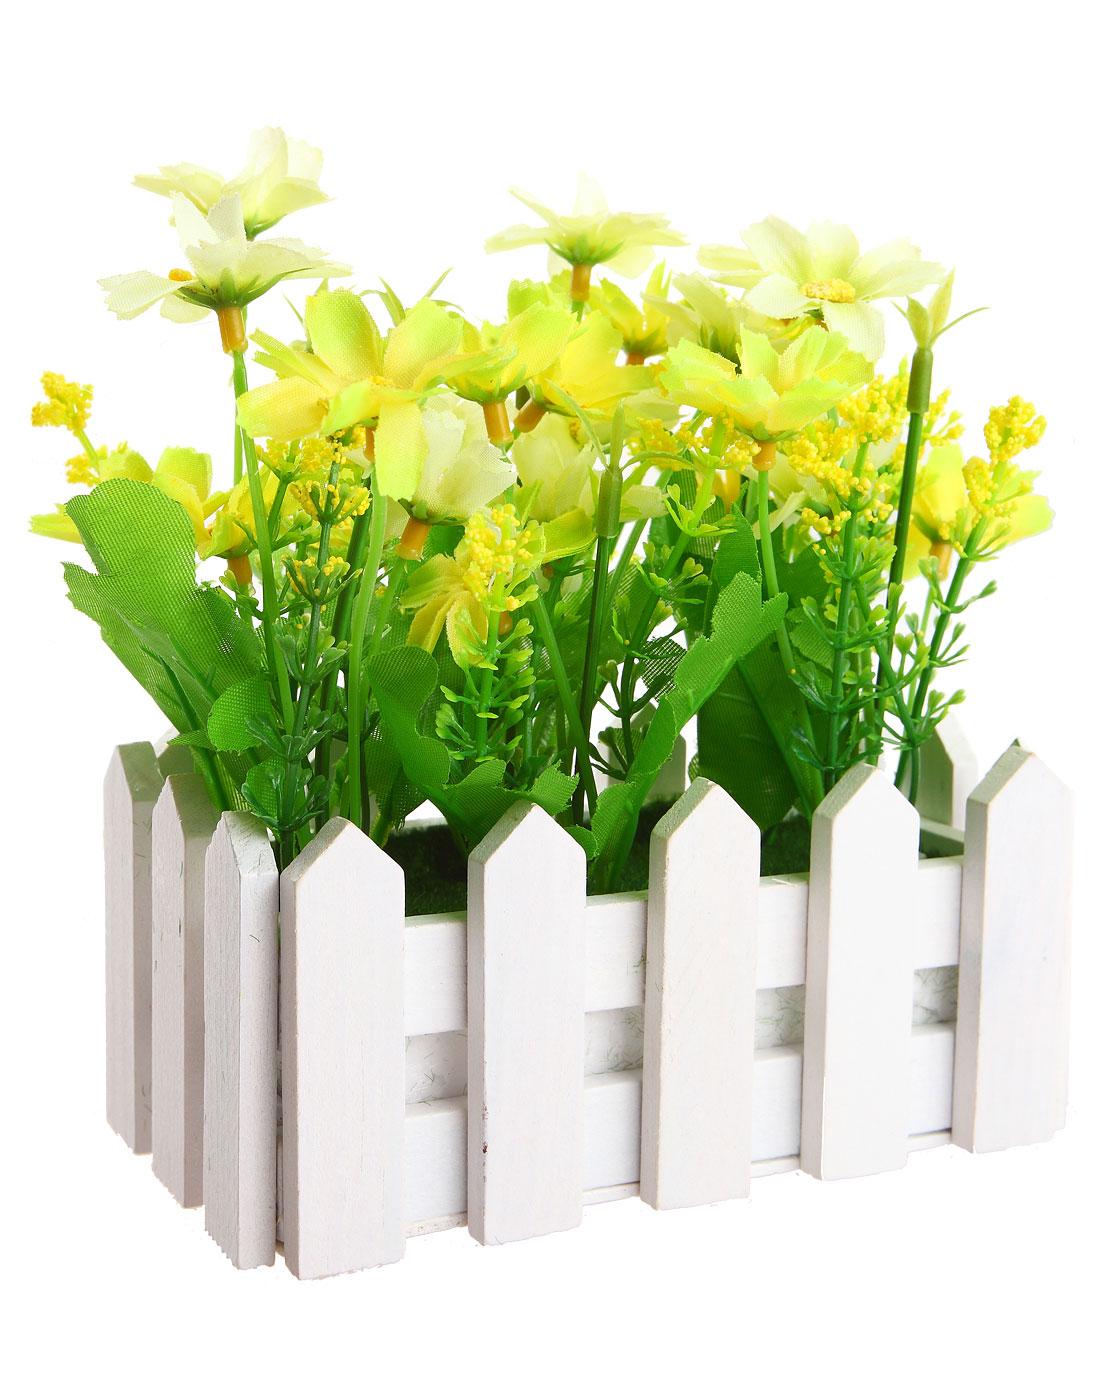 白色长款欧式白栅栏仿真装饰花